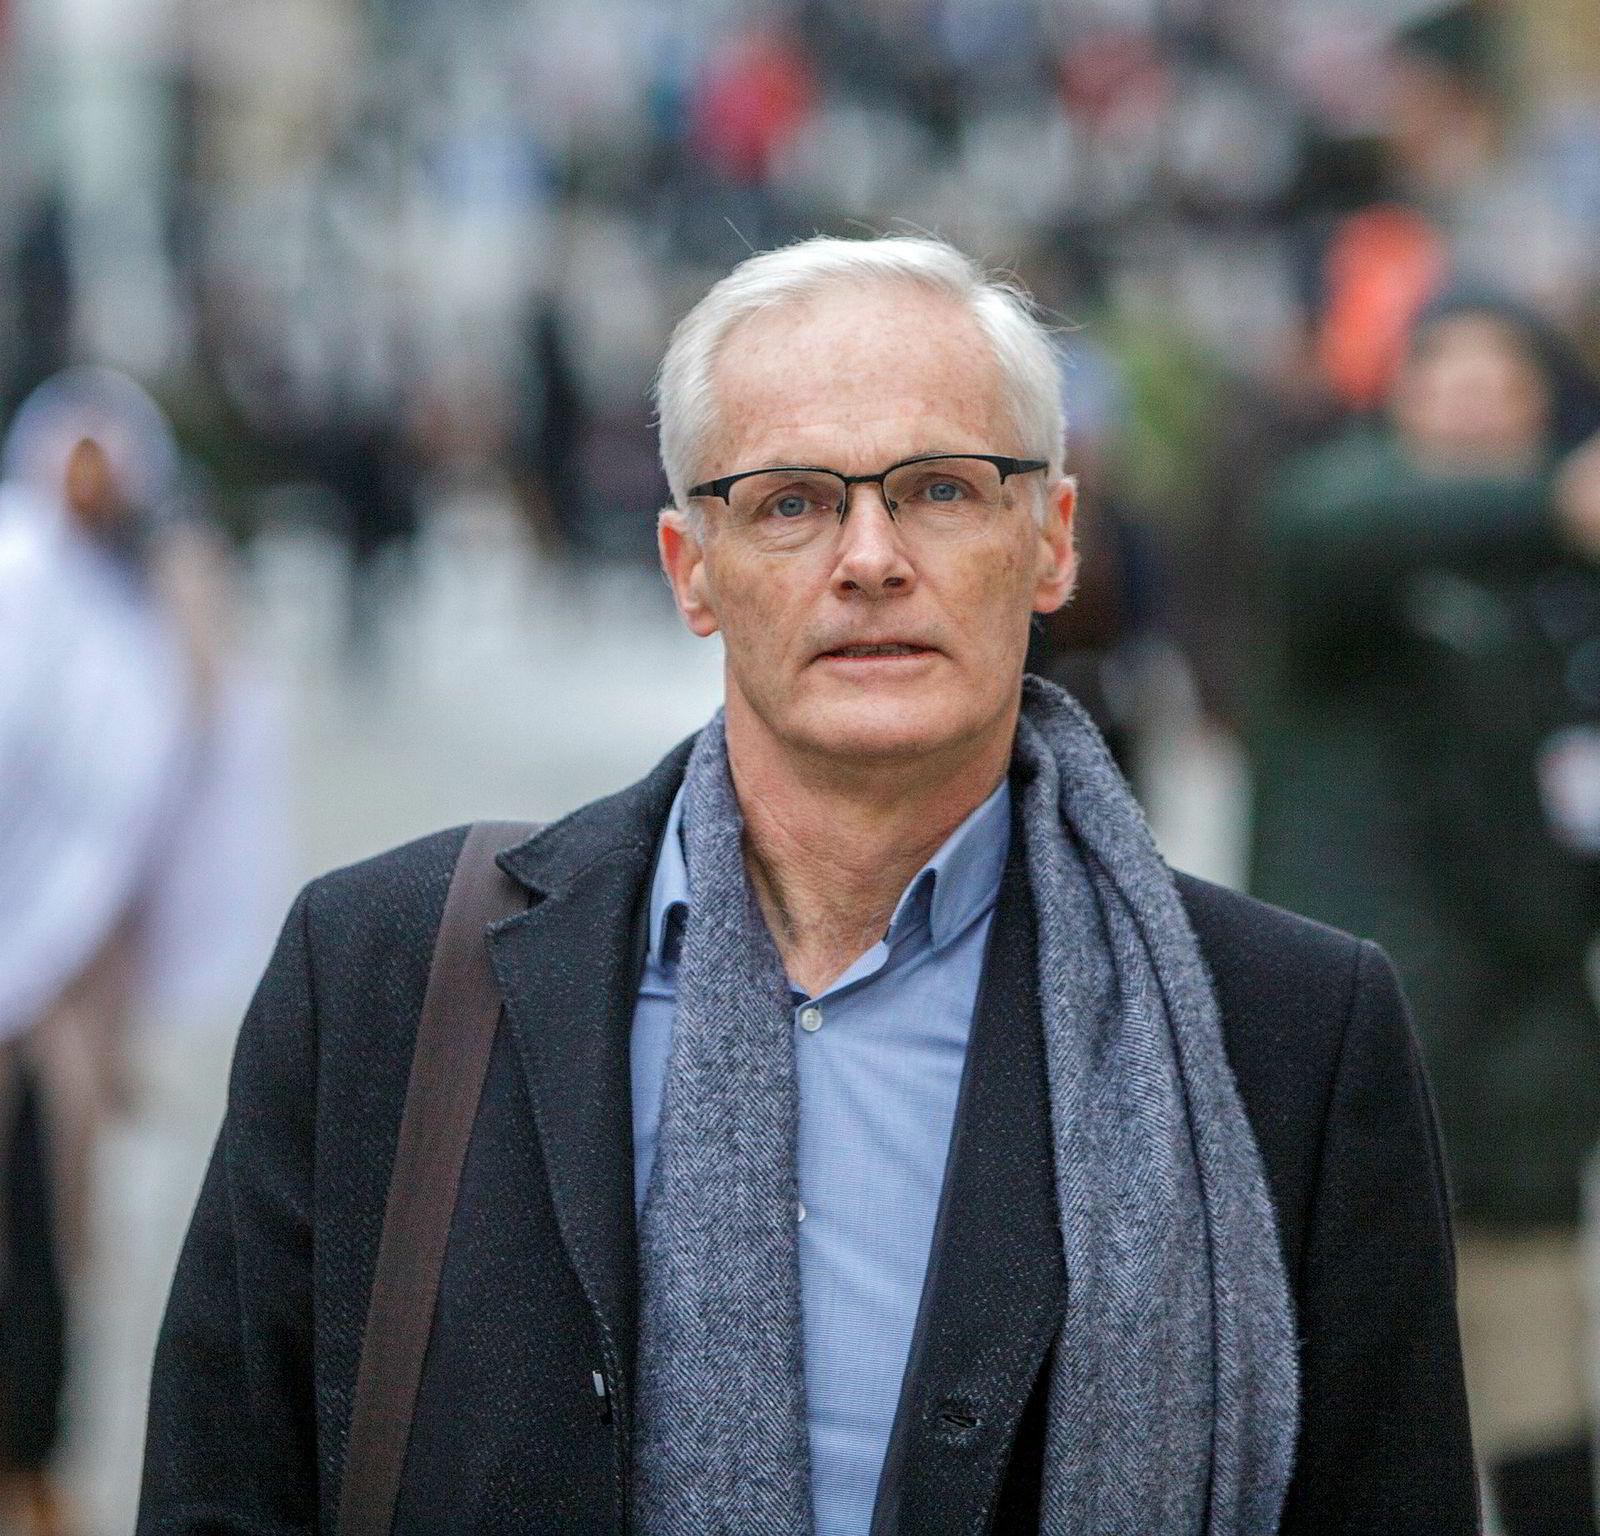 Konkurransedirektør Lars Sørgard tror et forbud mot prisklausuler i avtalene mellom nettreisegigantene og hotellene kan skade mer enn det gagner konkurransen i hotellmarkedet.